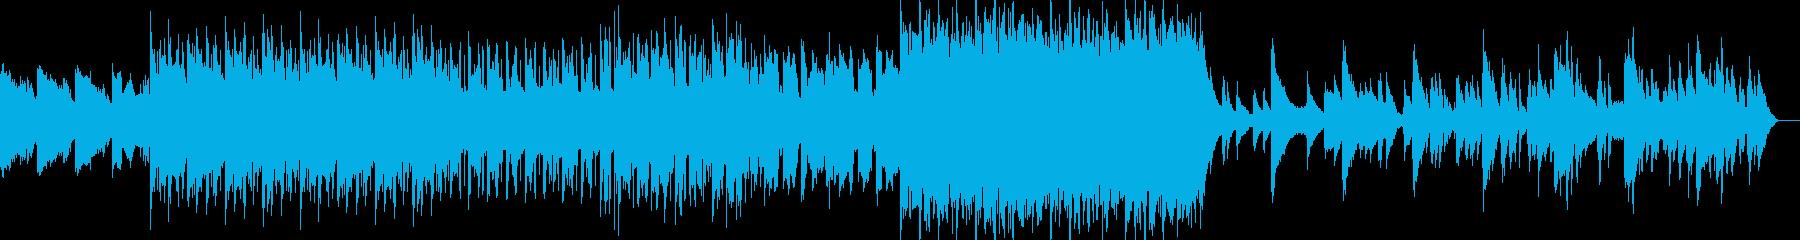 様々なメロディを含んだ、レトロな空間の再生済みの波形